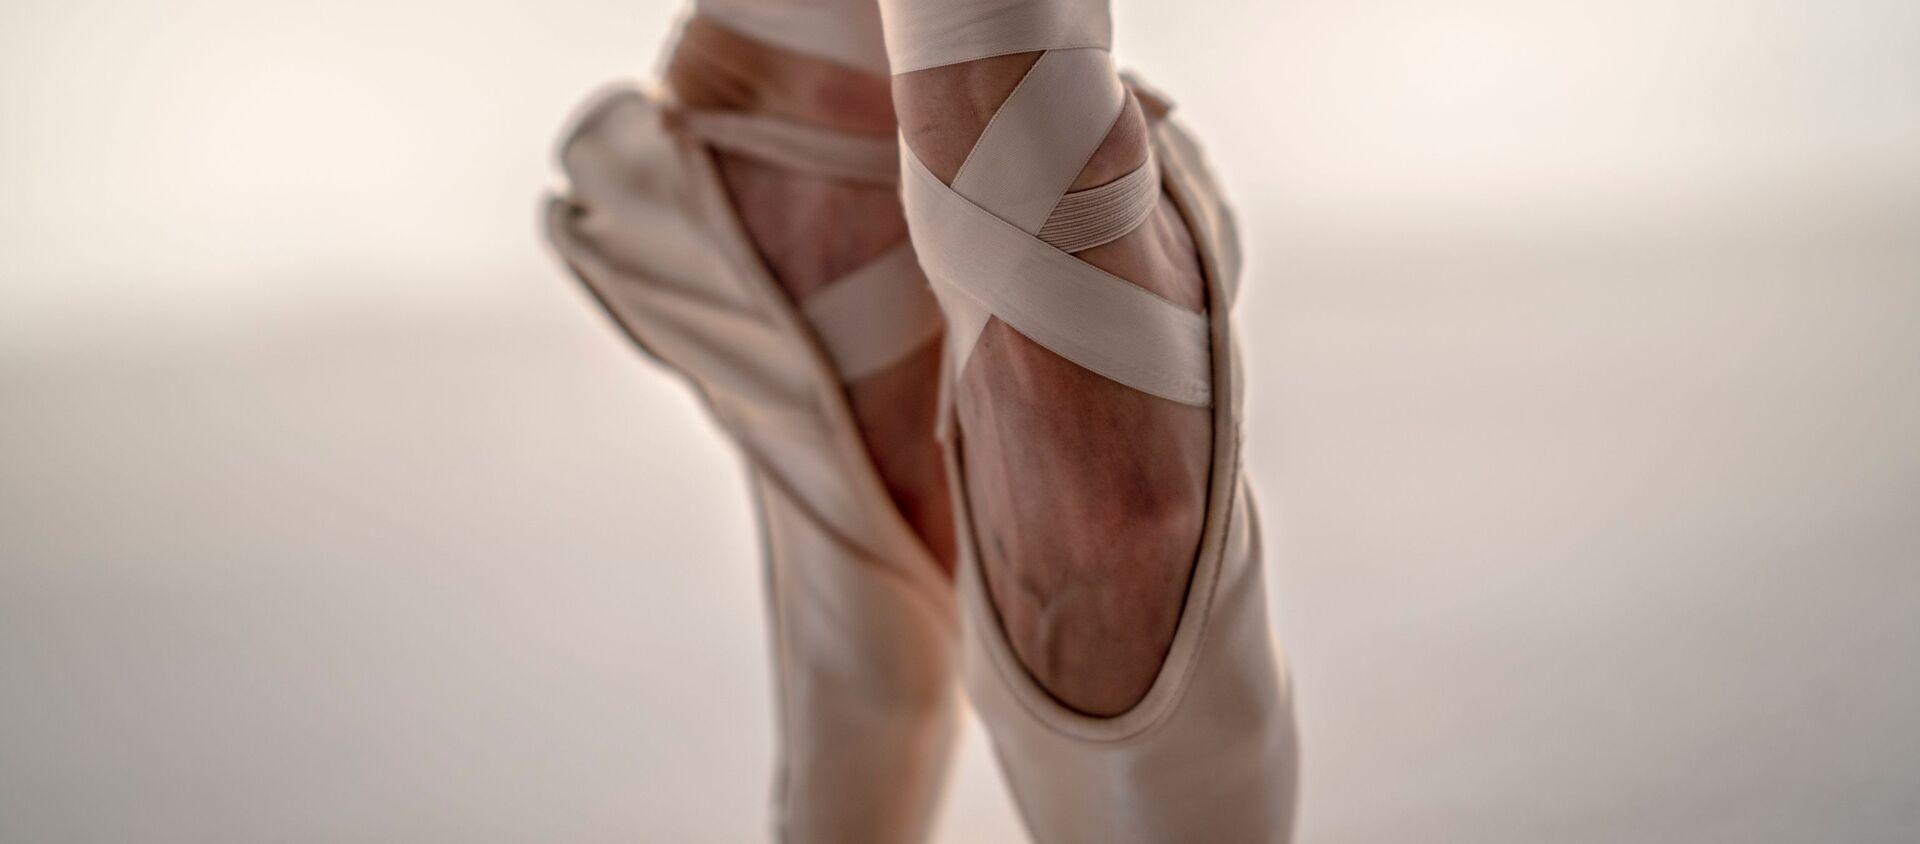 Los pies de una bailarina (archivo) - Sputnik Mundo, 1920, 15.12.2019